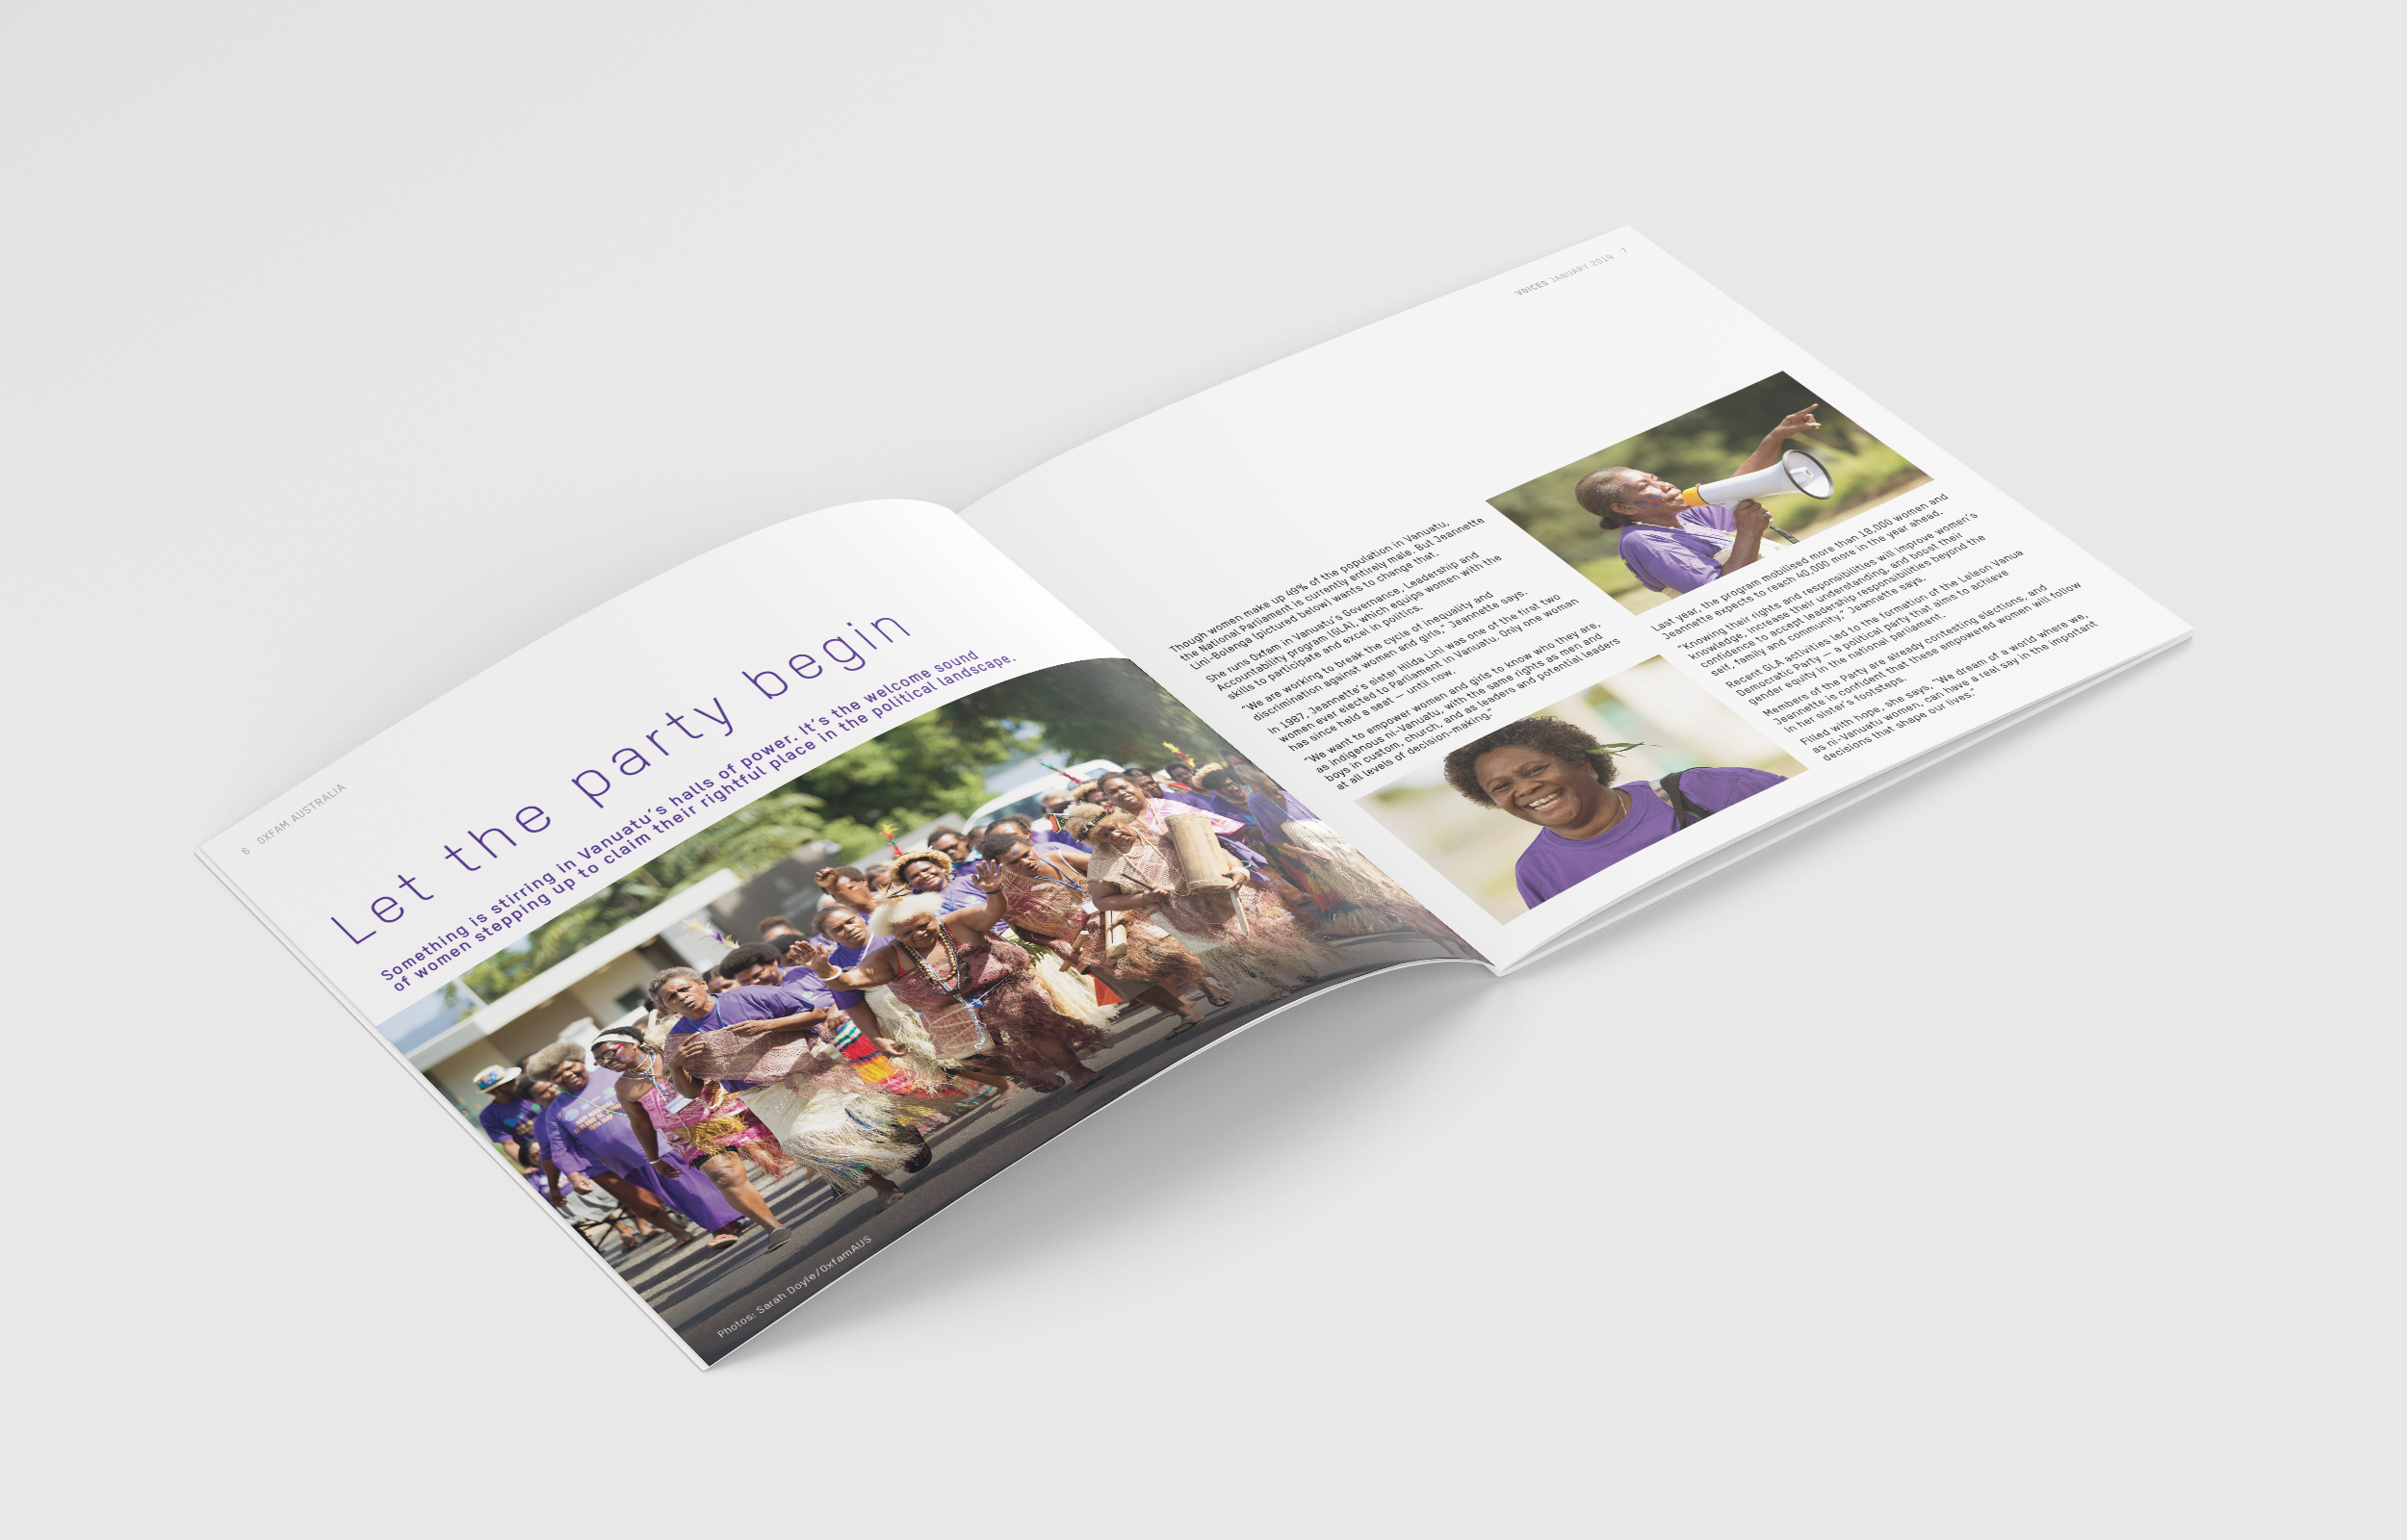 Oxfam Voices publications